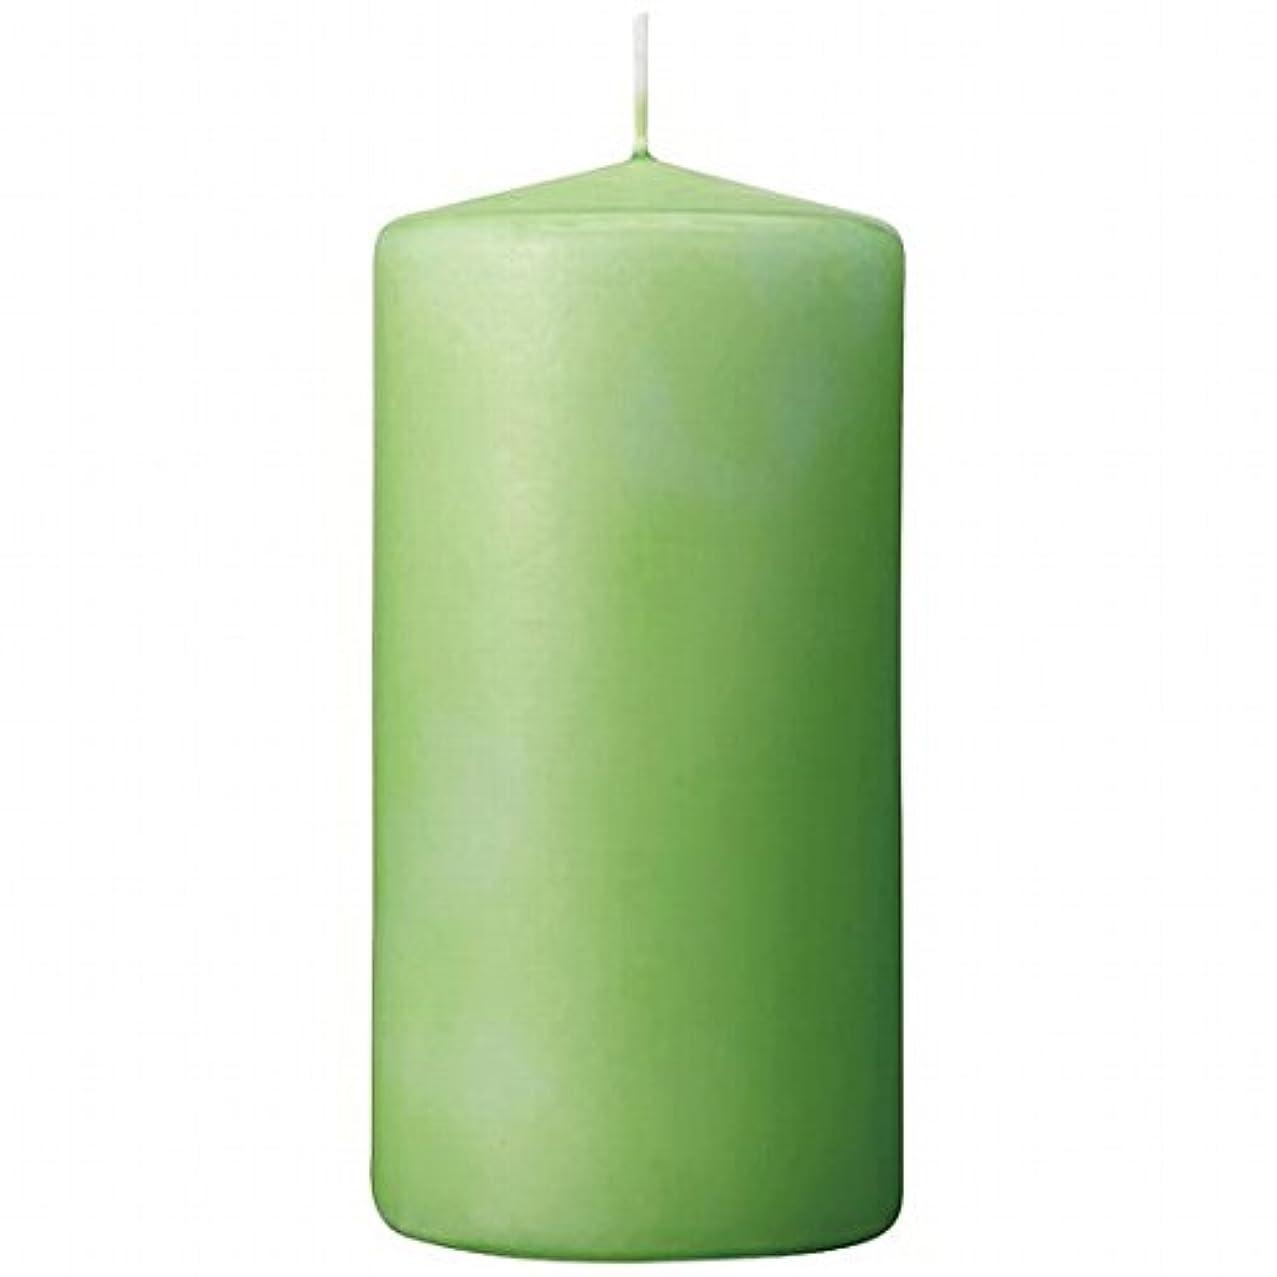 どのくらいの頻度でカバー神経衰弱カメヤマキャンドル(kameyama candle) 3×6ベルトップピラーキャンドル 「 ライム 」